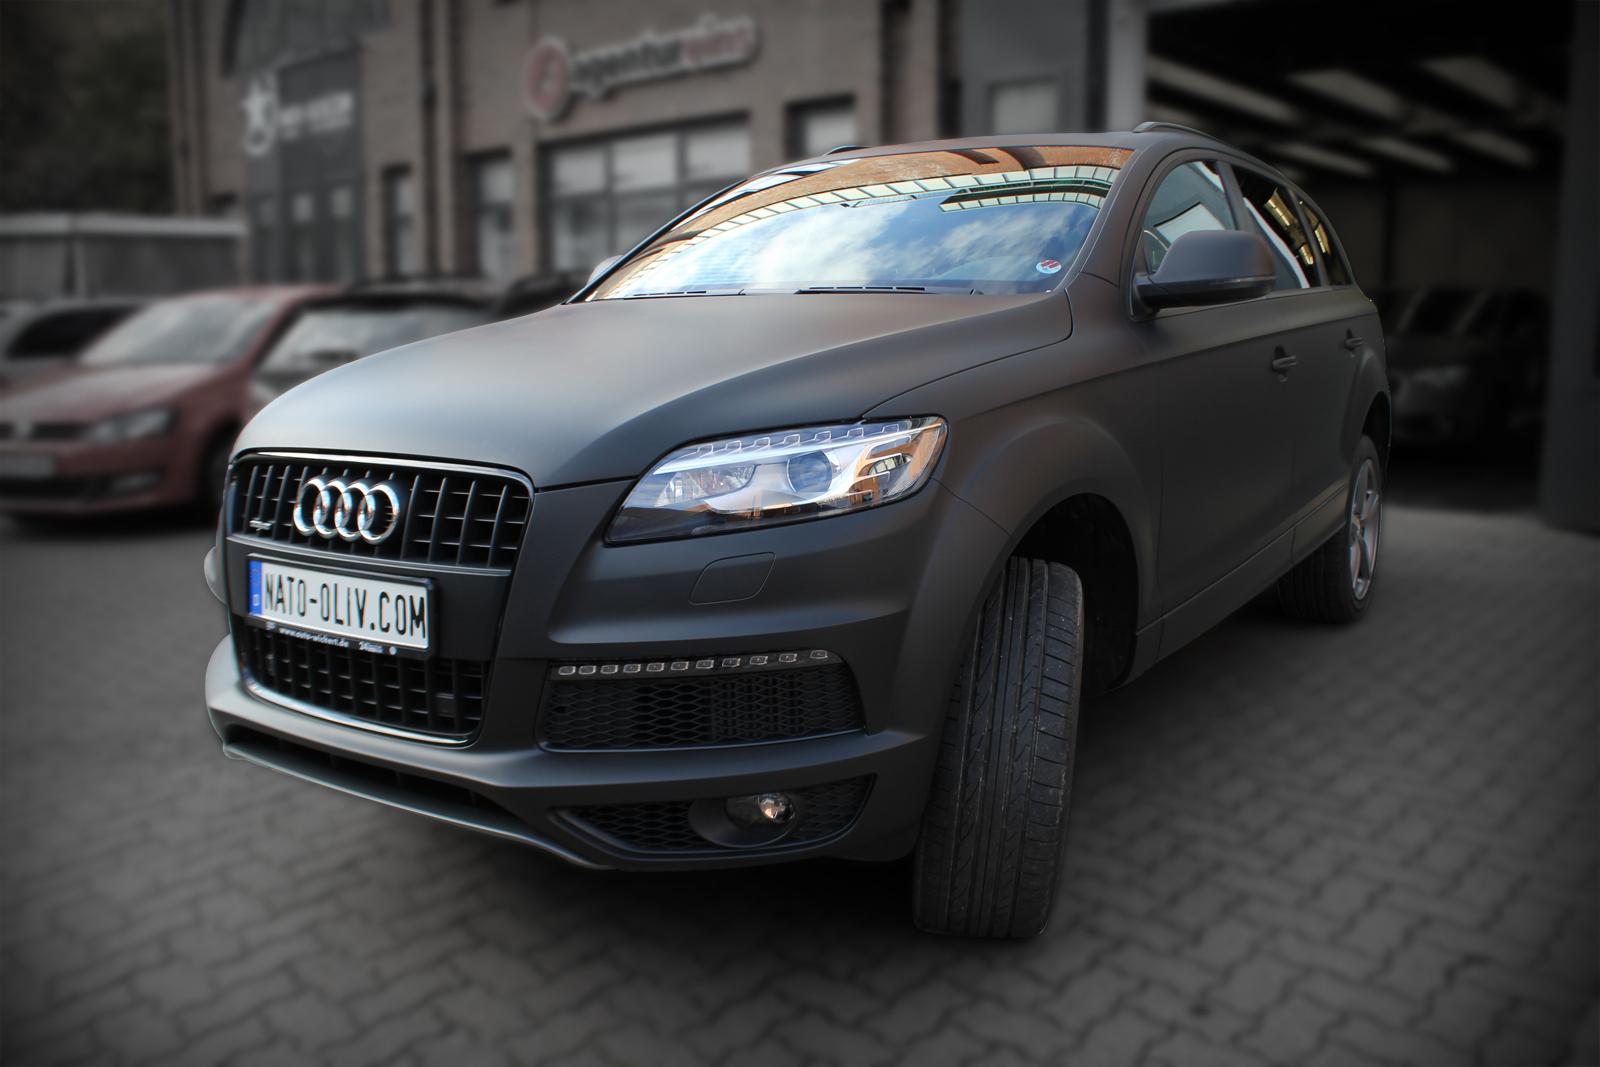 Dieser Audi Q7 ist mit Folie vollverklebt worden, um durch eine Folierung die Farbe des Fahrzeug zu ändern. Die neue Farbe des folierten Autos ist schwarz ultramatt.